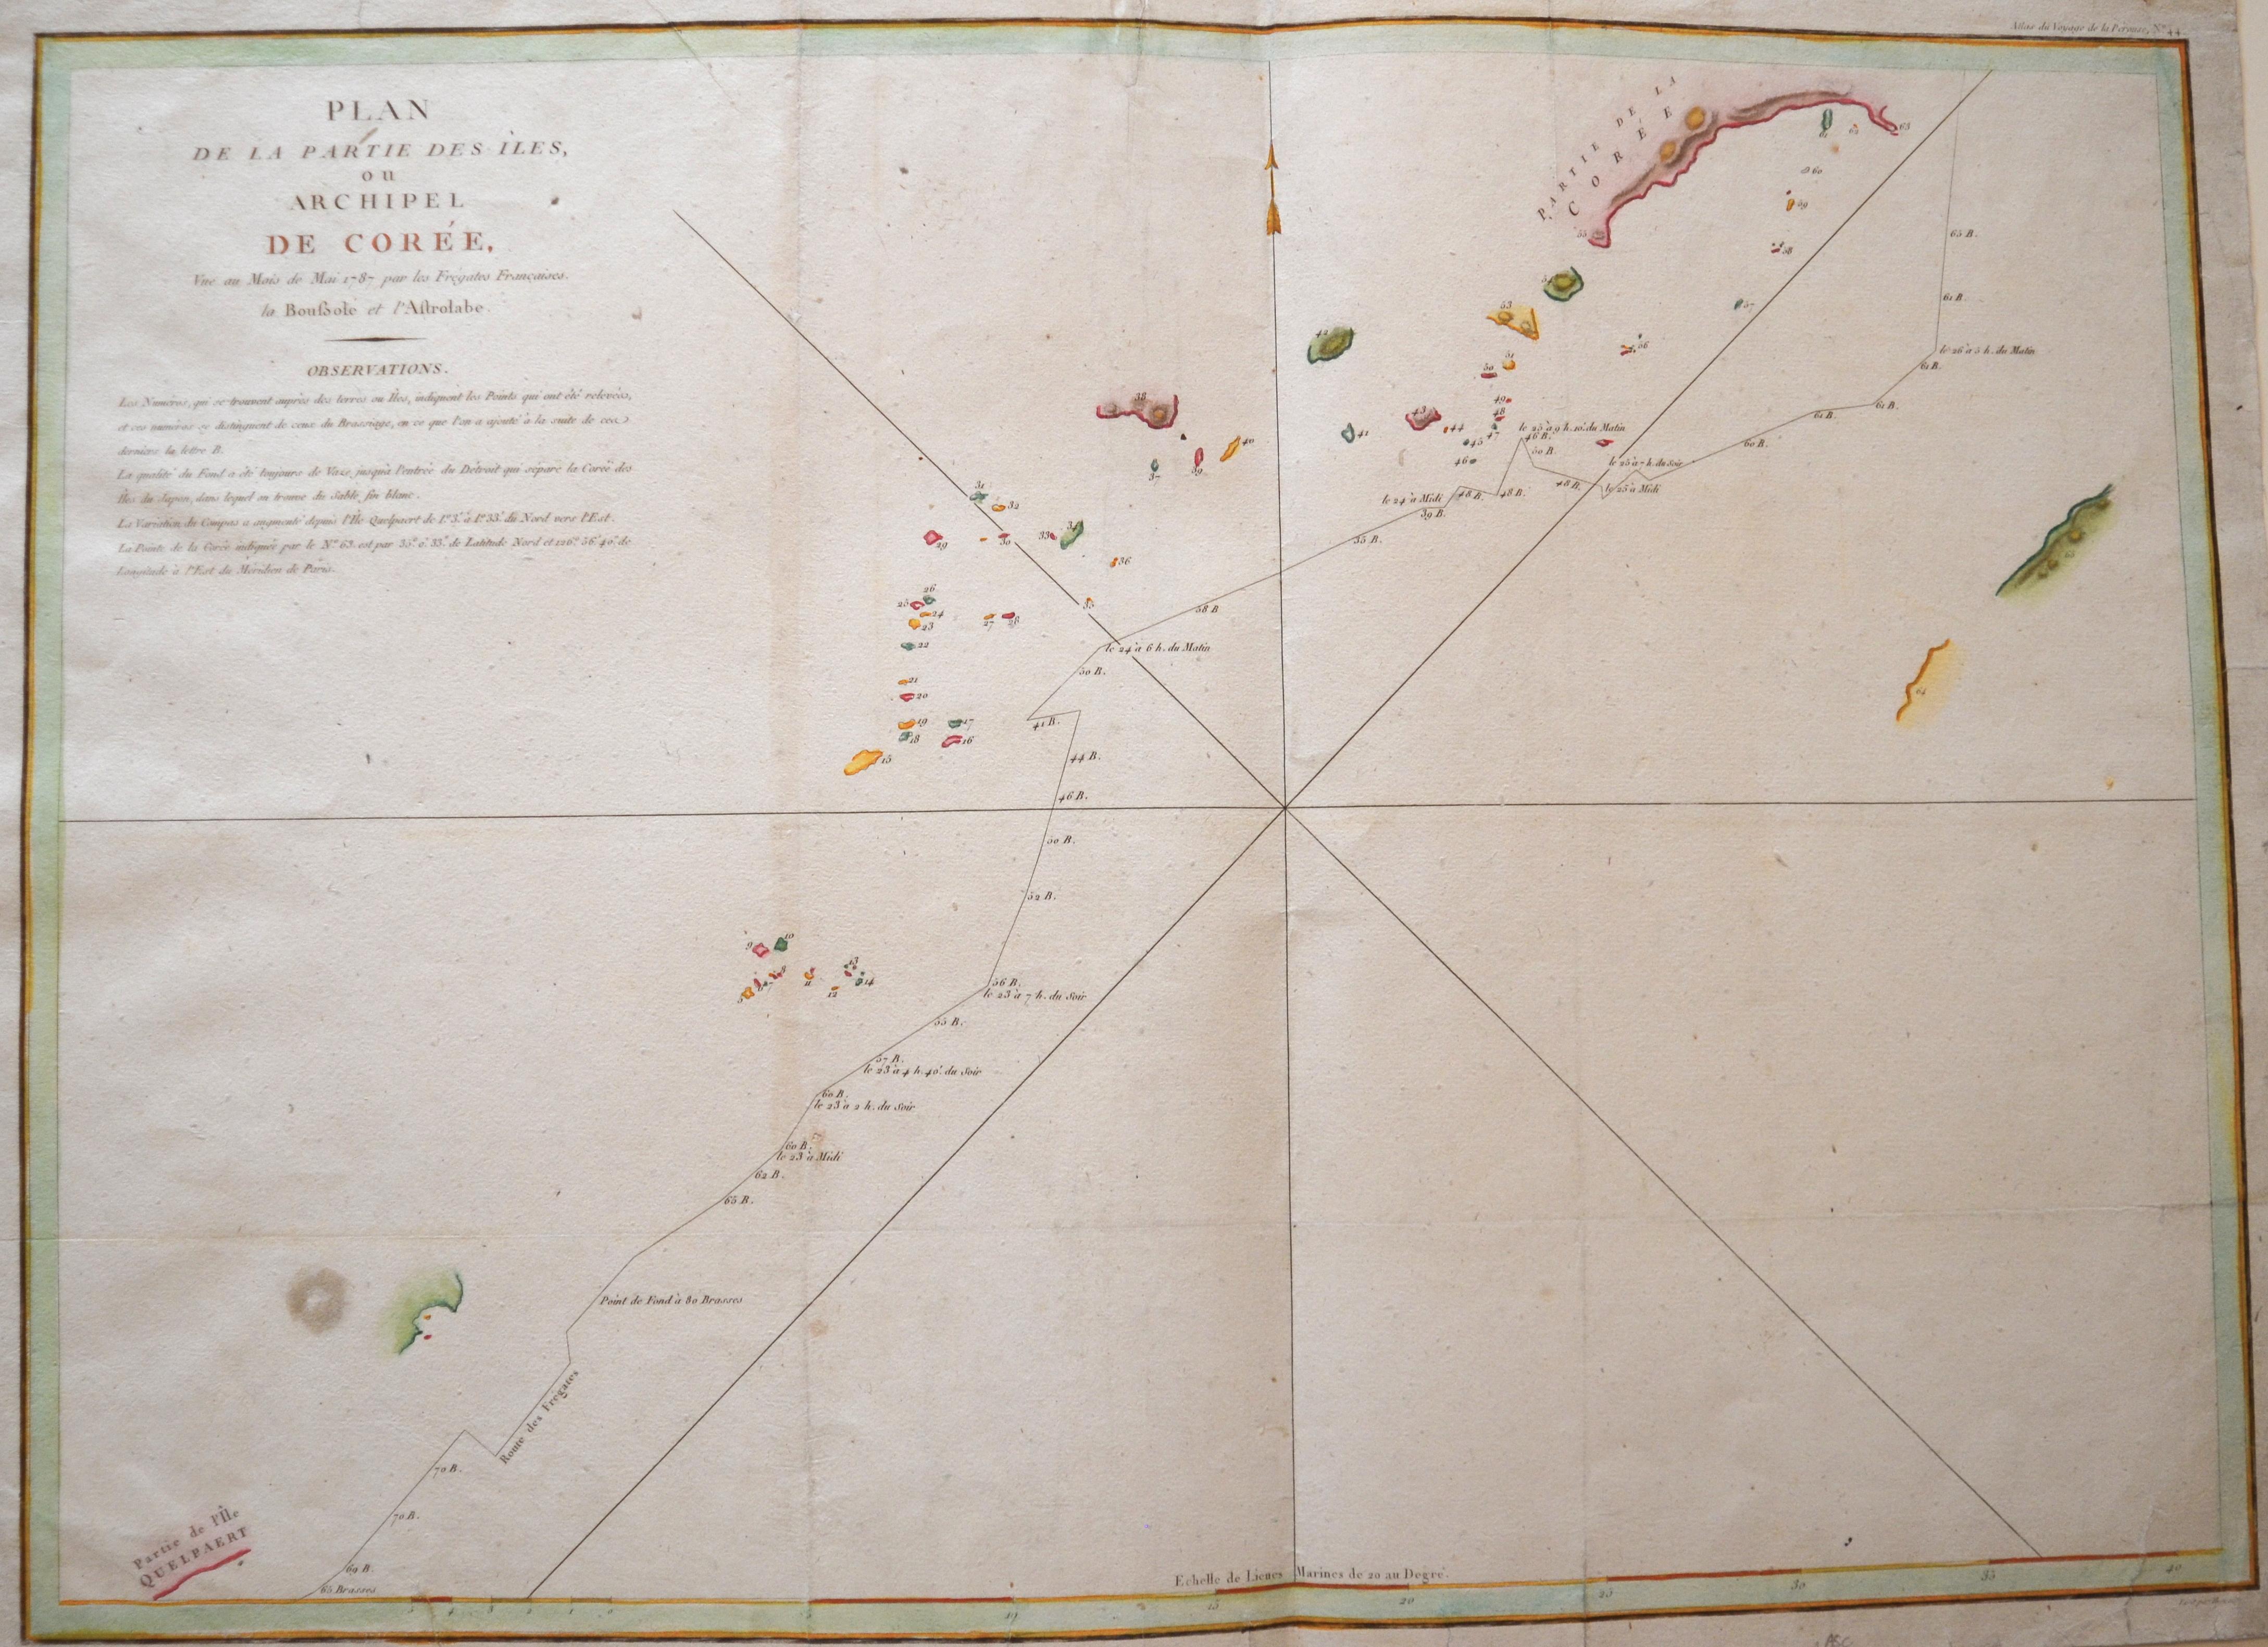 Perousse,de La  Plan de la Partie des Iles, ou archipel de Corée, Vue au Mois de Mai 1787 par les Frégates Francaises.